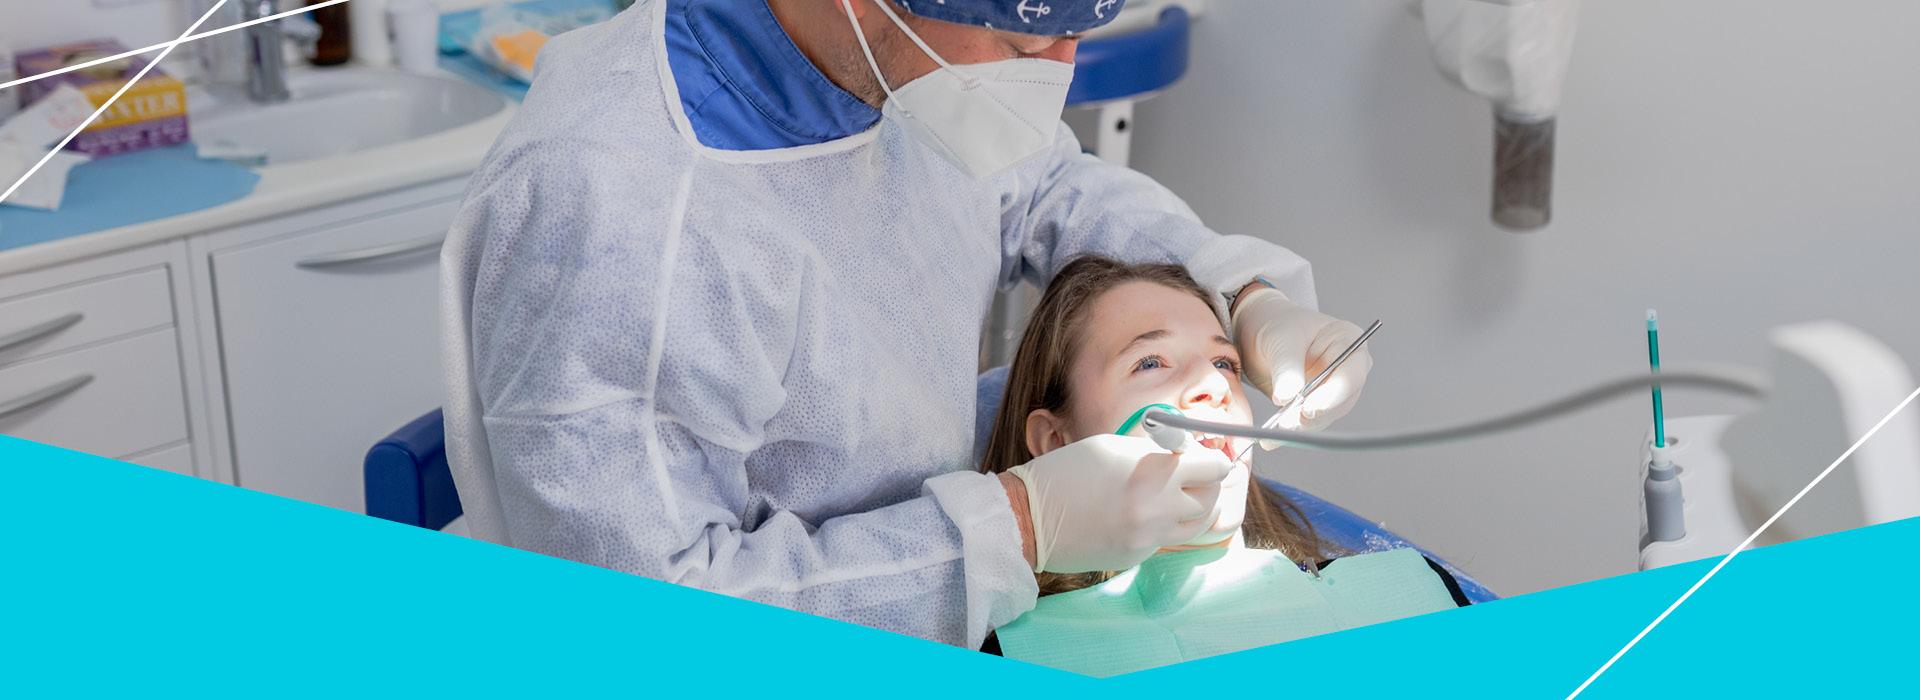 garda-odontoiatria-pedodonzia